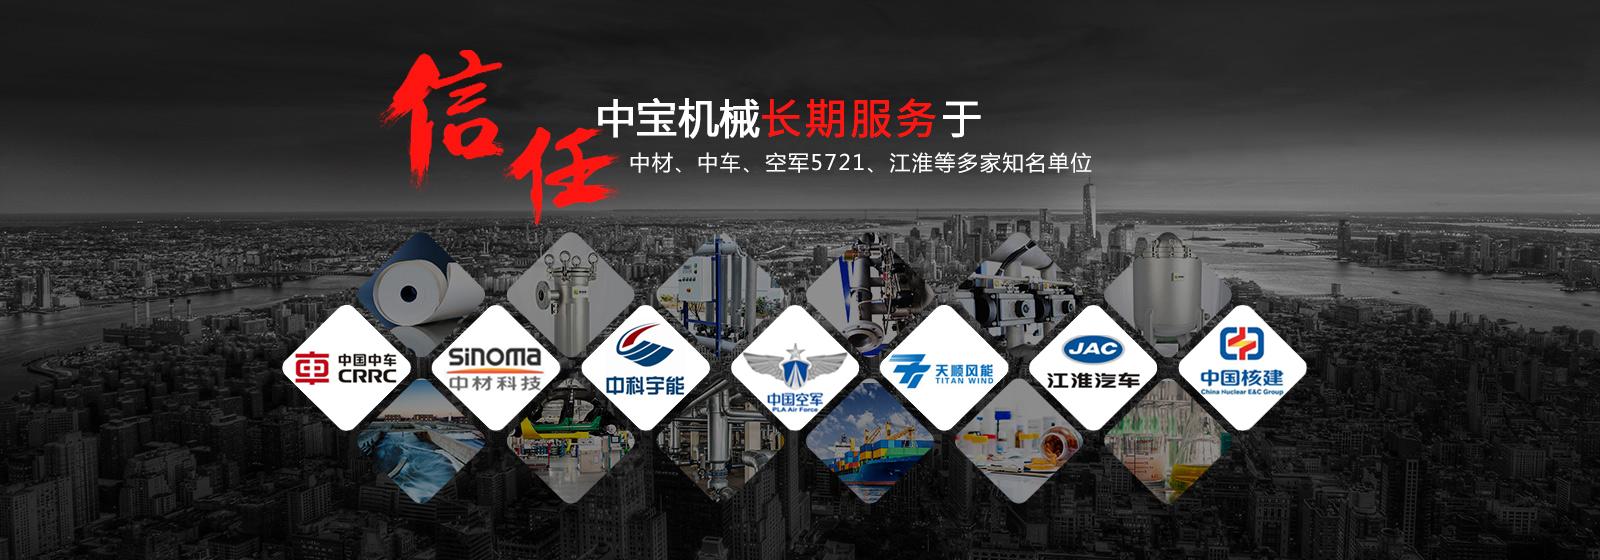 江苏中宝机械科技有限公司